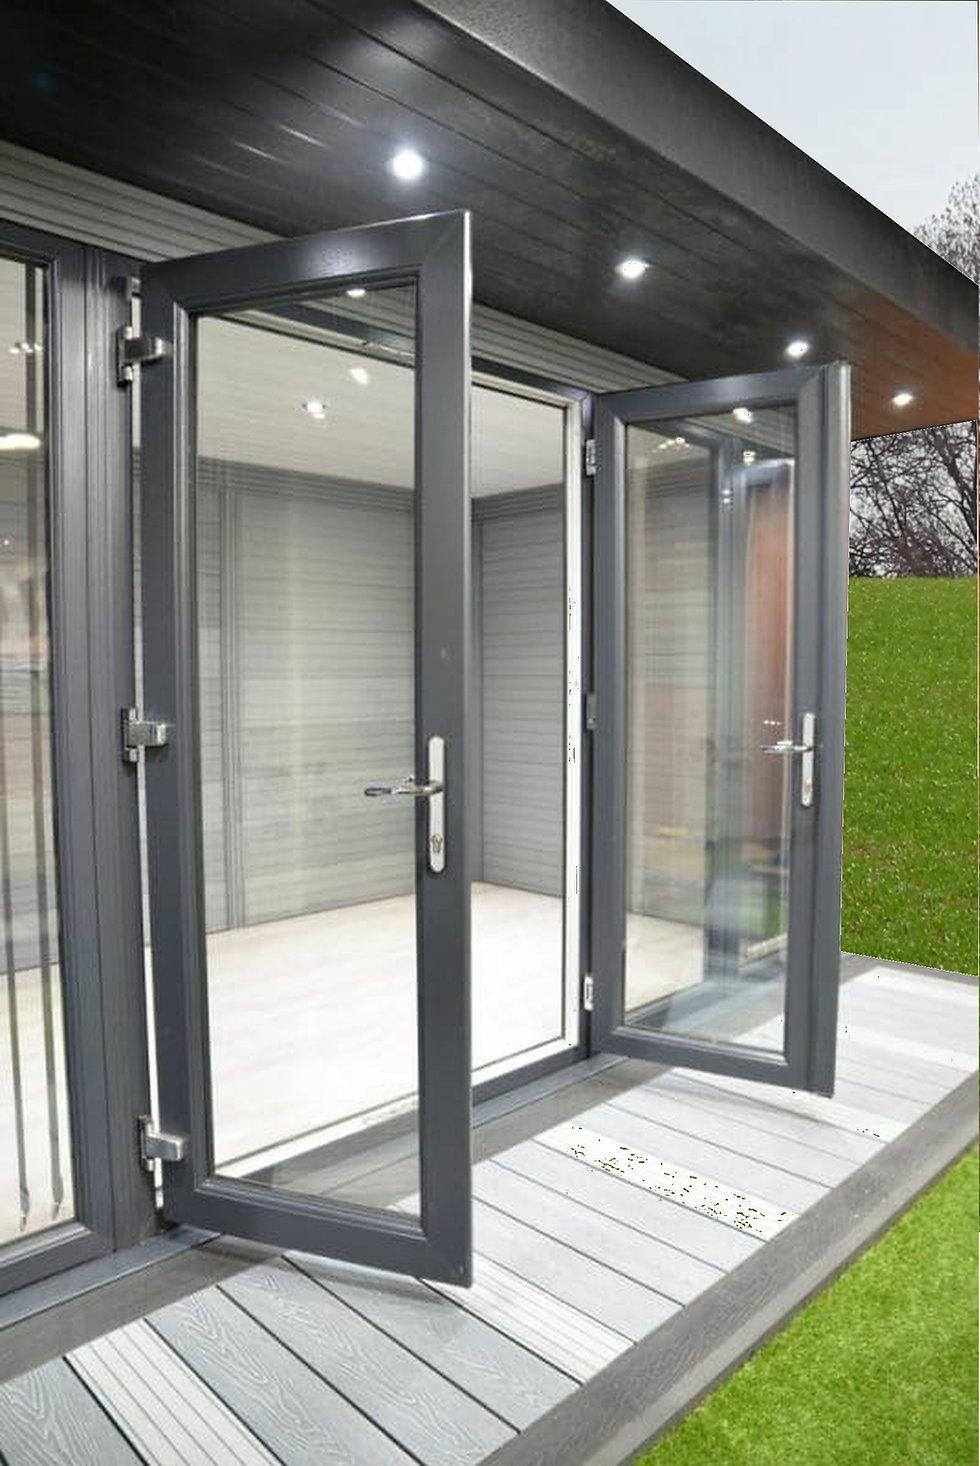 doors on a composite wood garden room